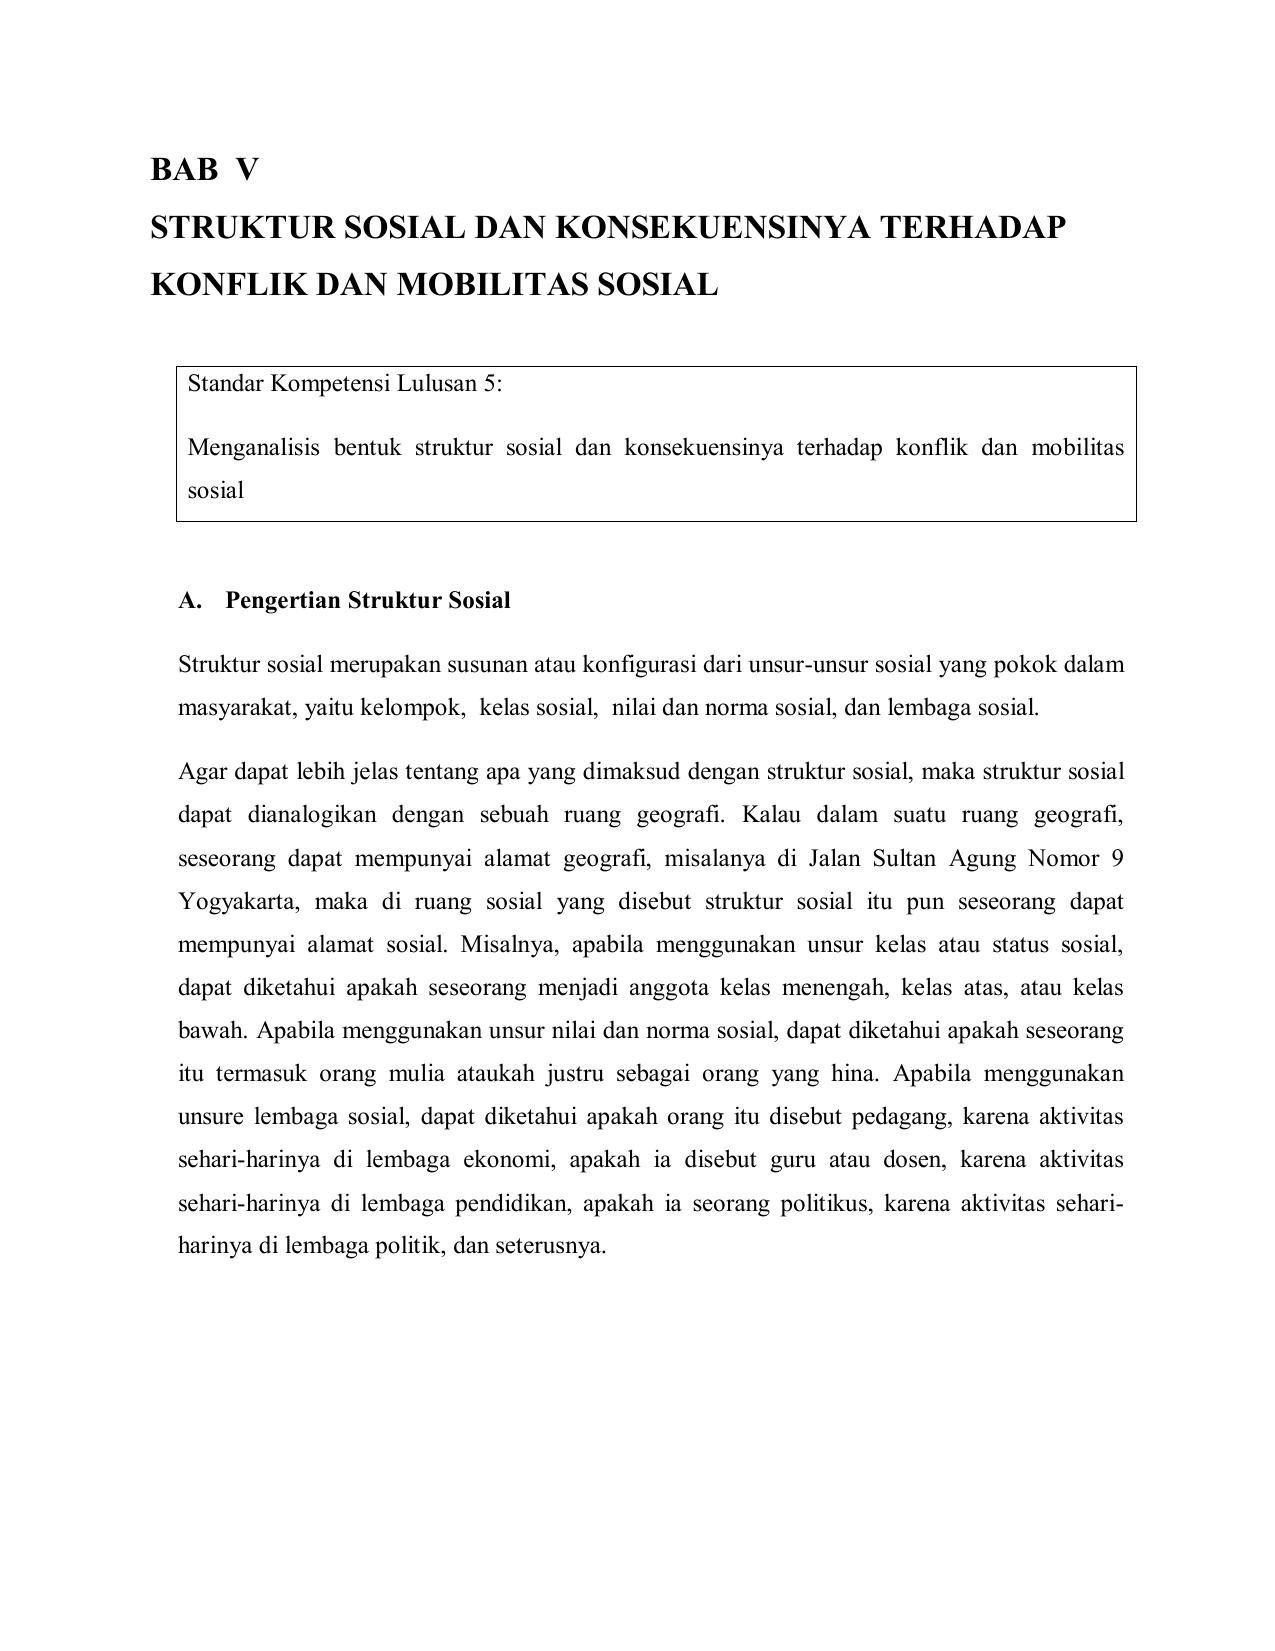 Struktur Sosial Dan Konsekuensinya Terhadap Konflik Dan Mobilitas